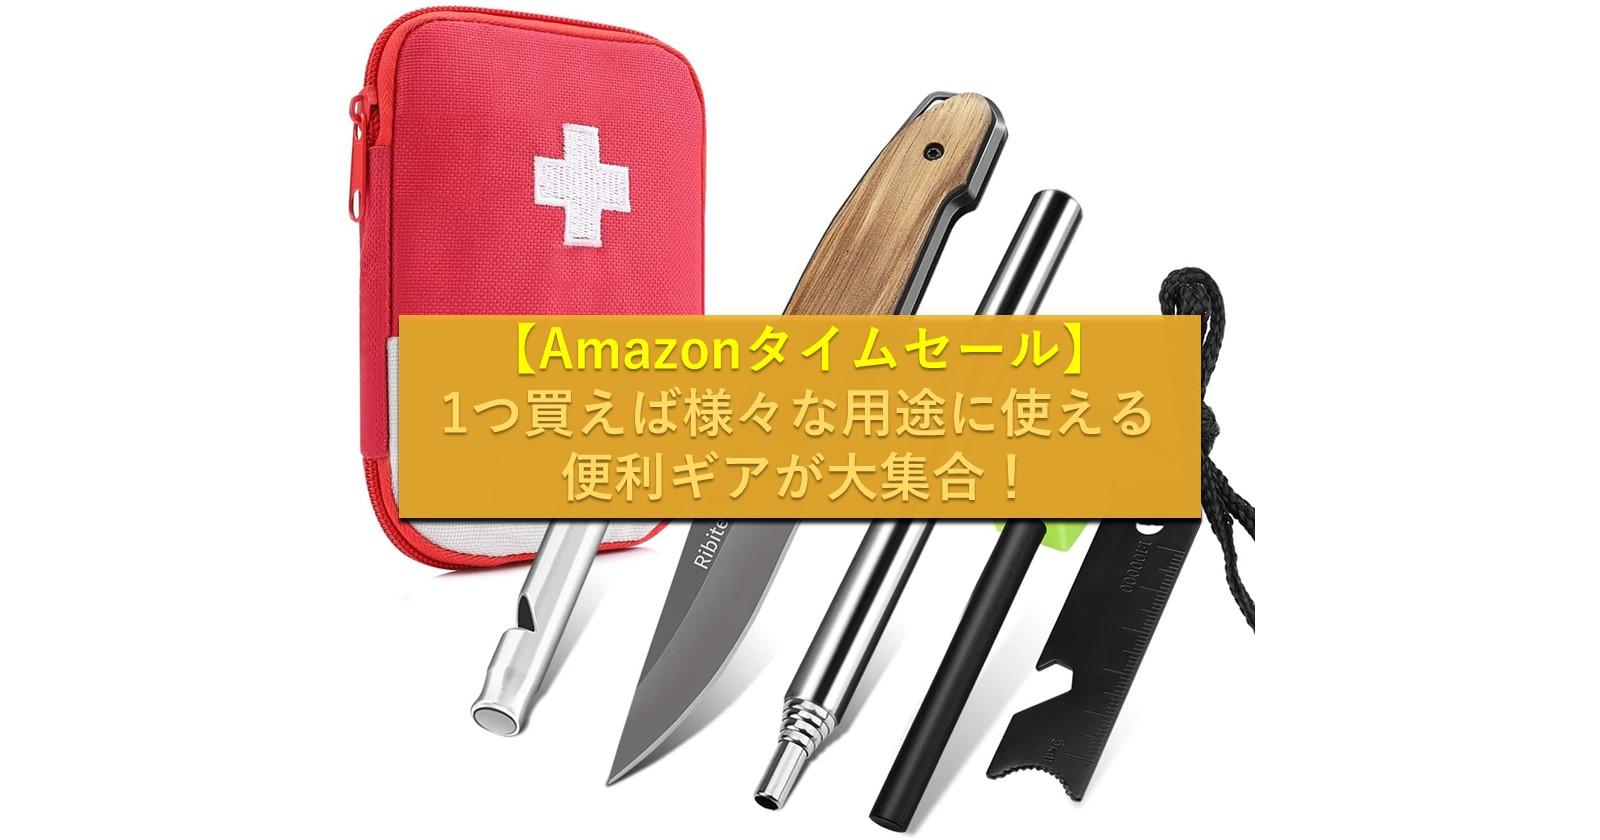 【Amazonタイムセール】複数の役割を果たす便利ギアが安い!